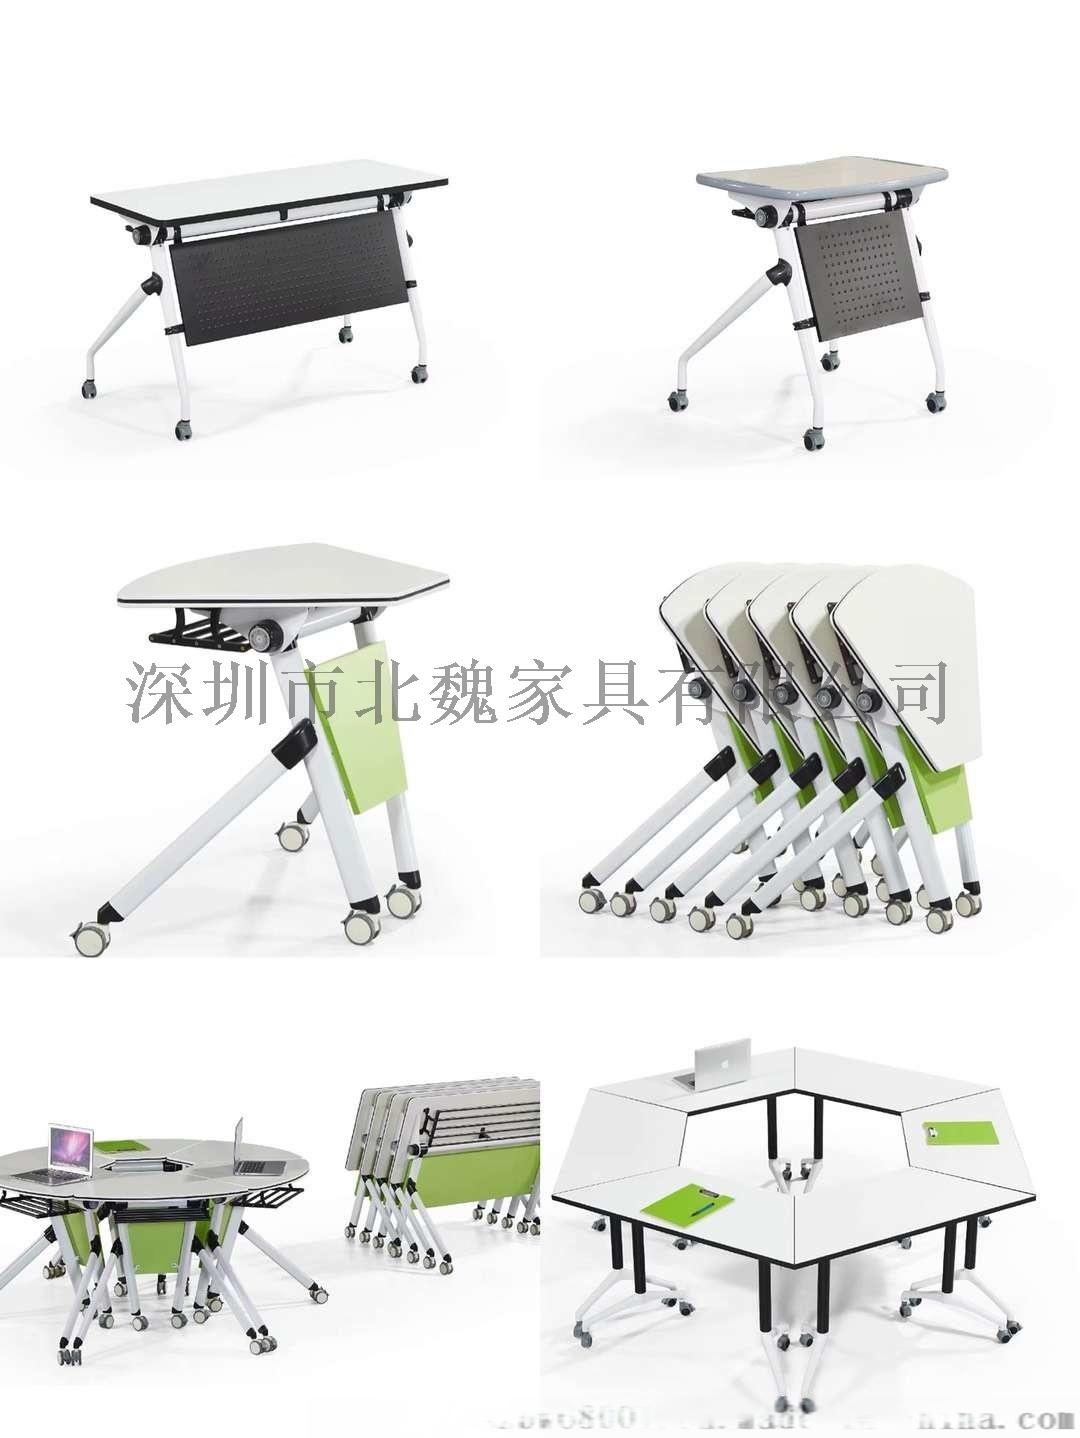 厂家直销可翻动可移动学生桌-多功能折叠培训桌135866225